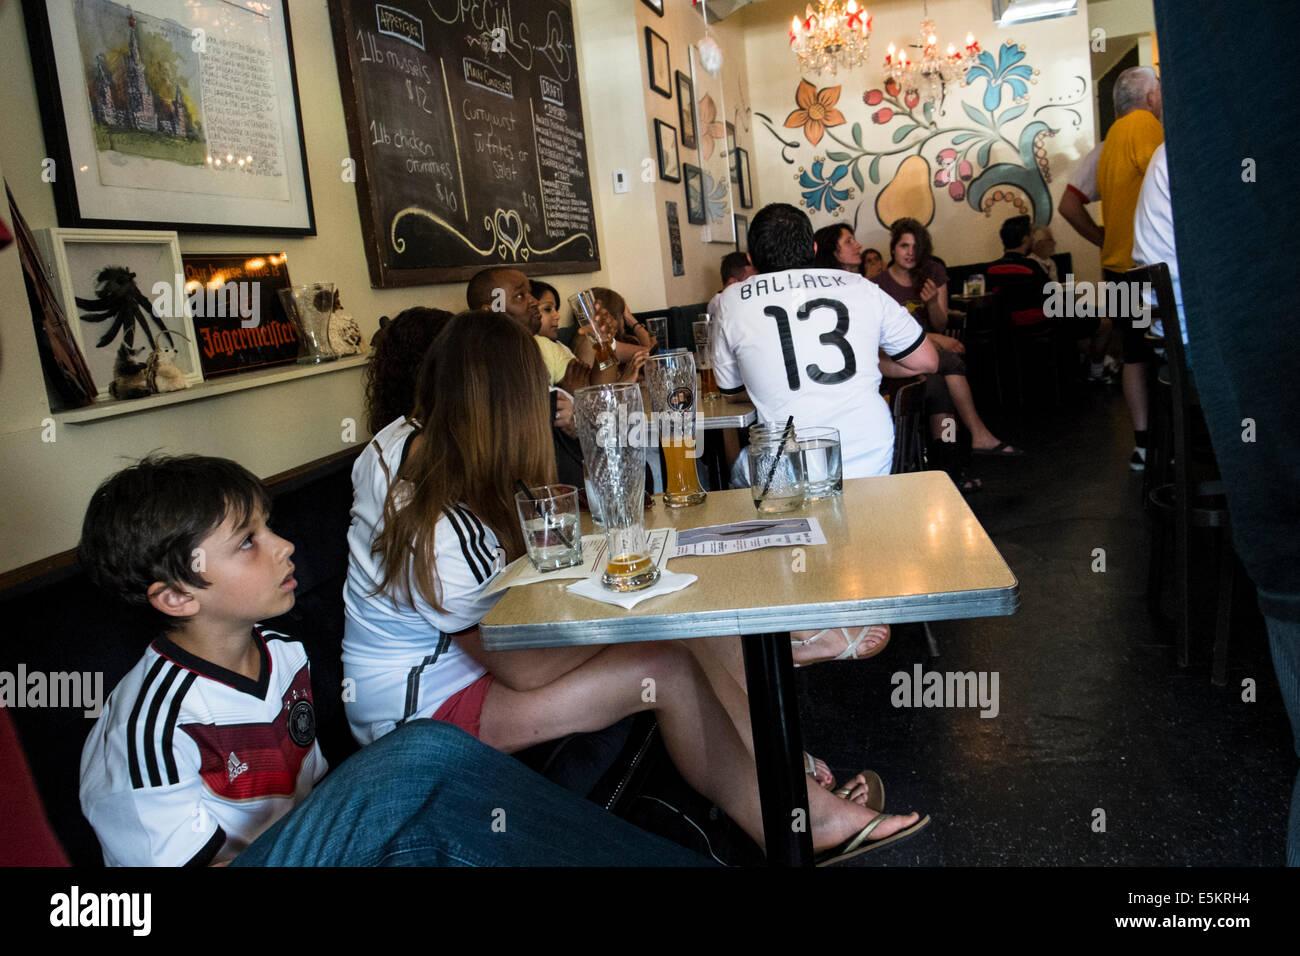 Les amateurs de football allemand regarder un match de la Coupe du Monde 2014 Toronto, Ontario, Canada. Banque D'Images